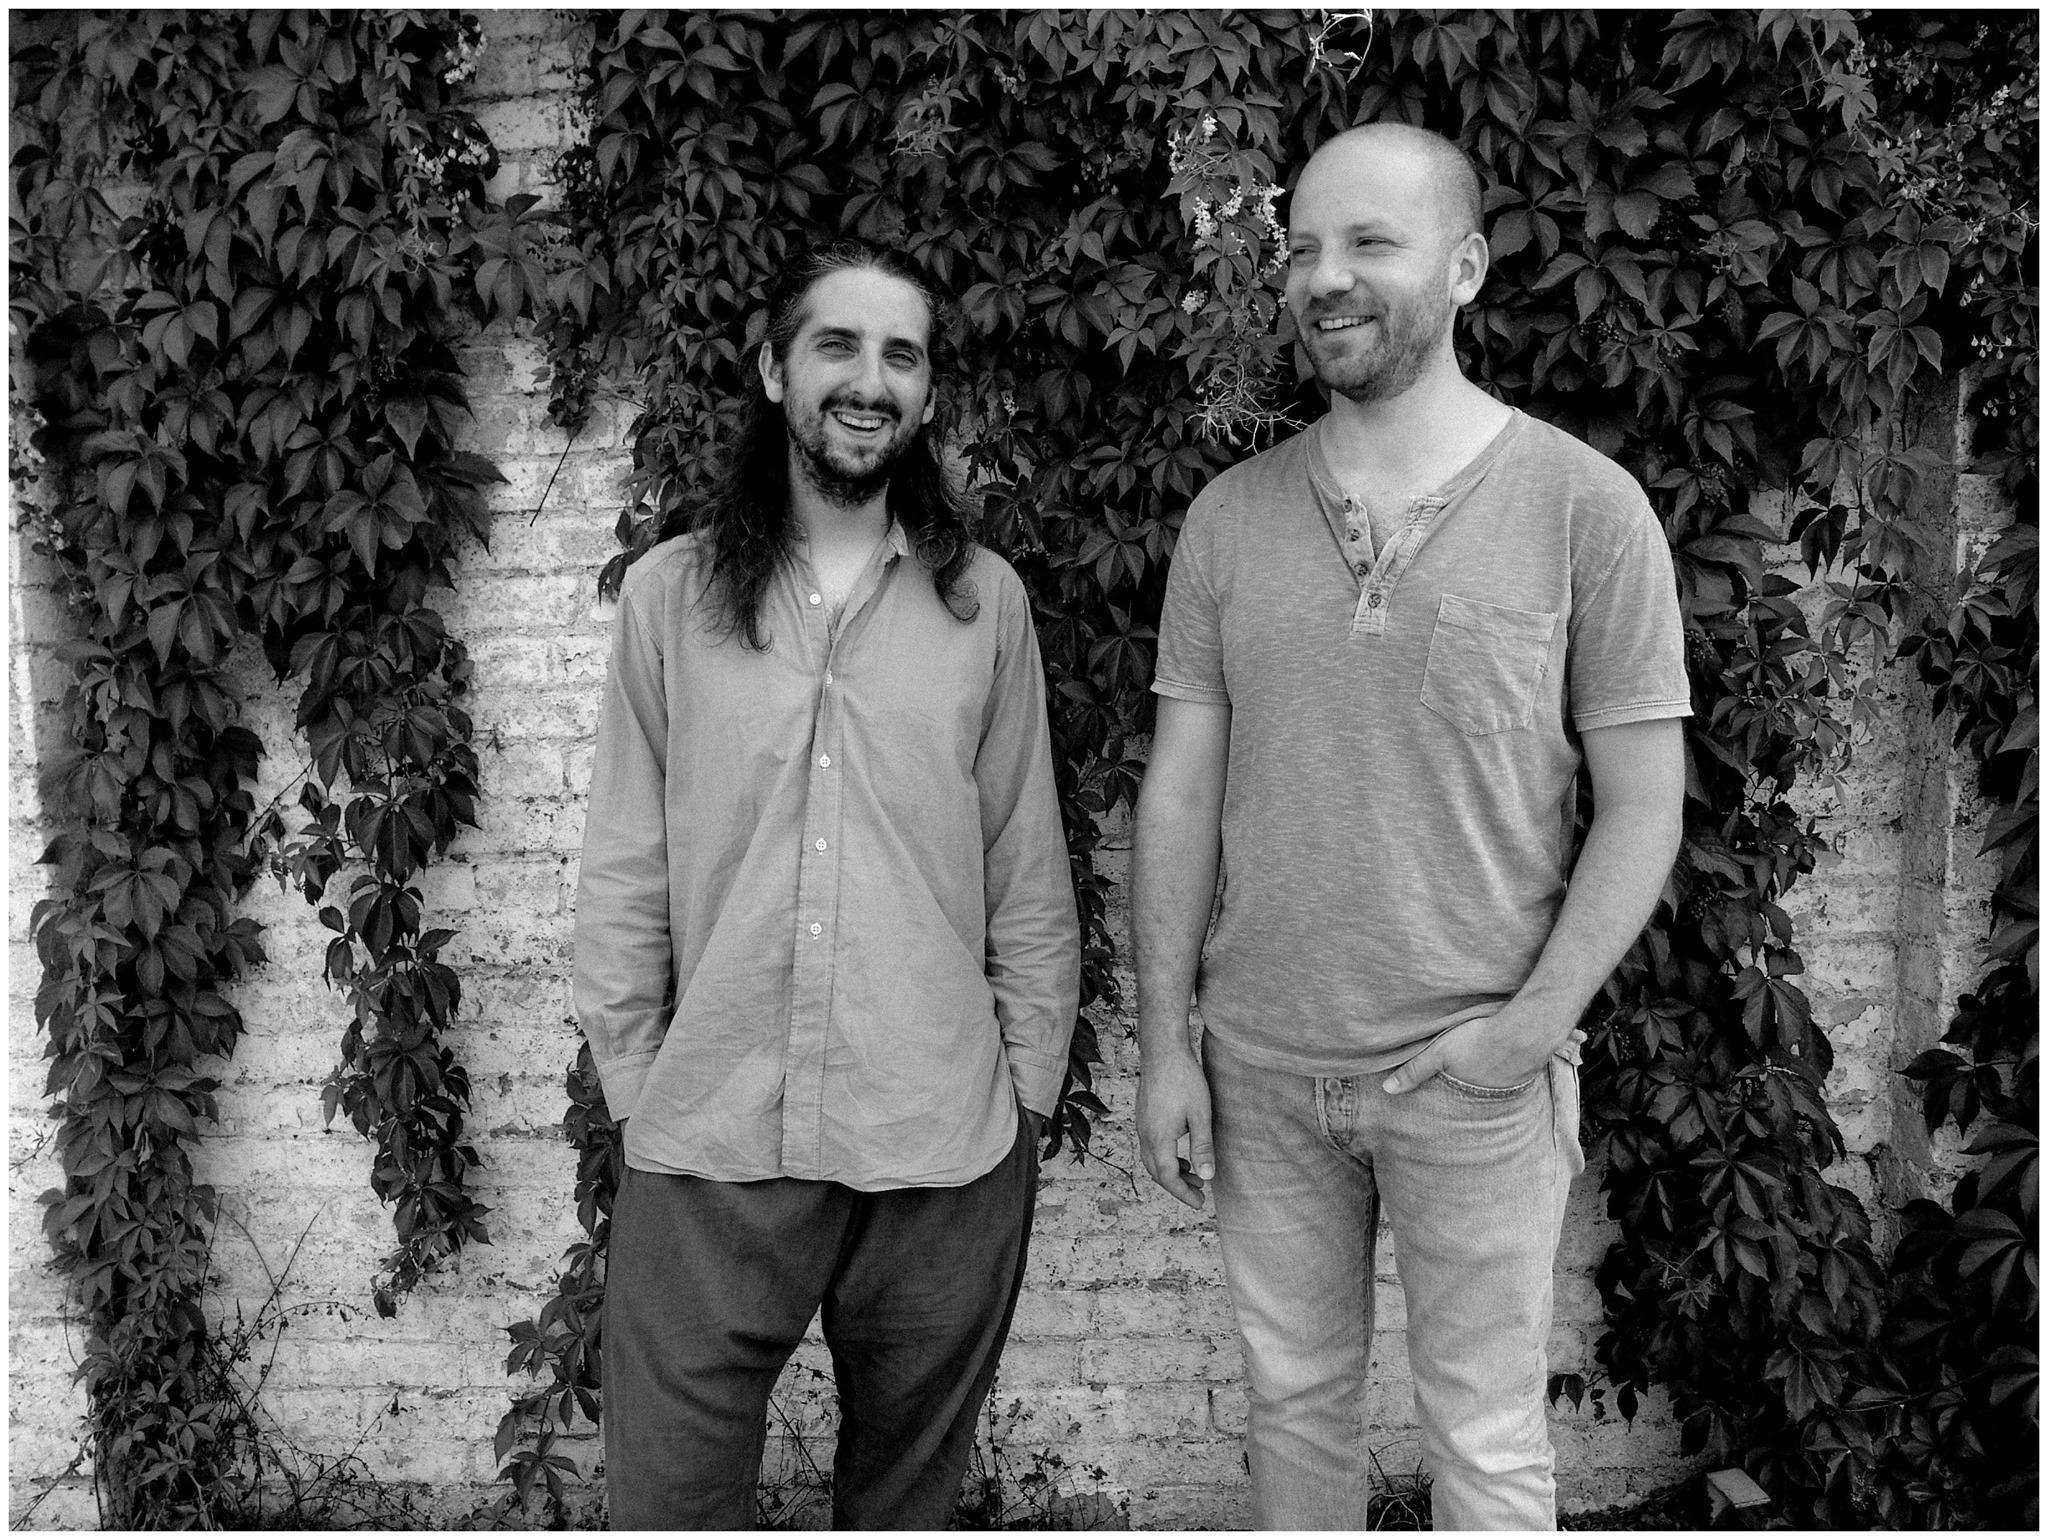 Lauscher auf! James Holden & Wacław Zimpel improvisieren Trance ganz neu.